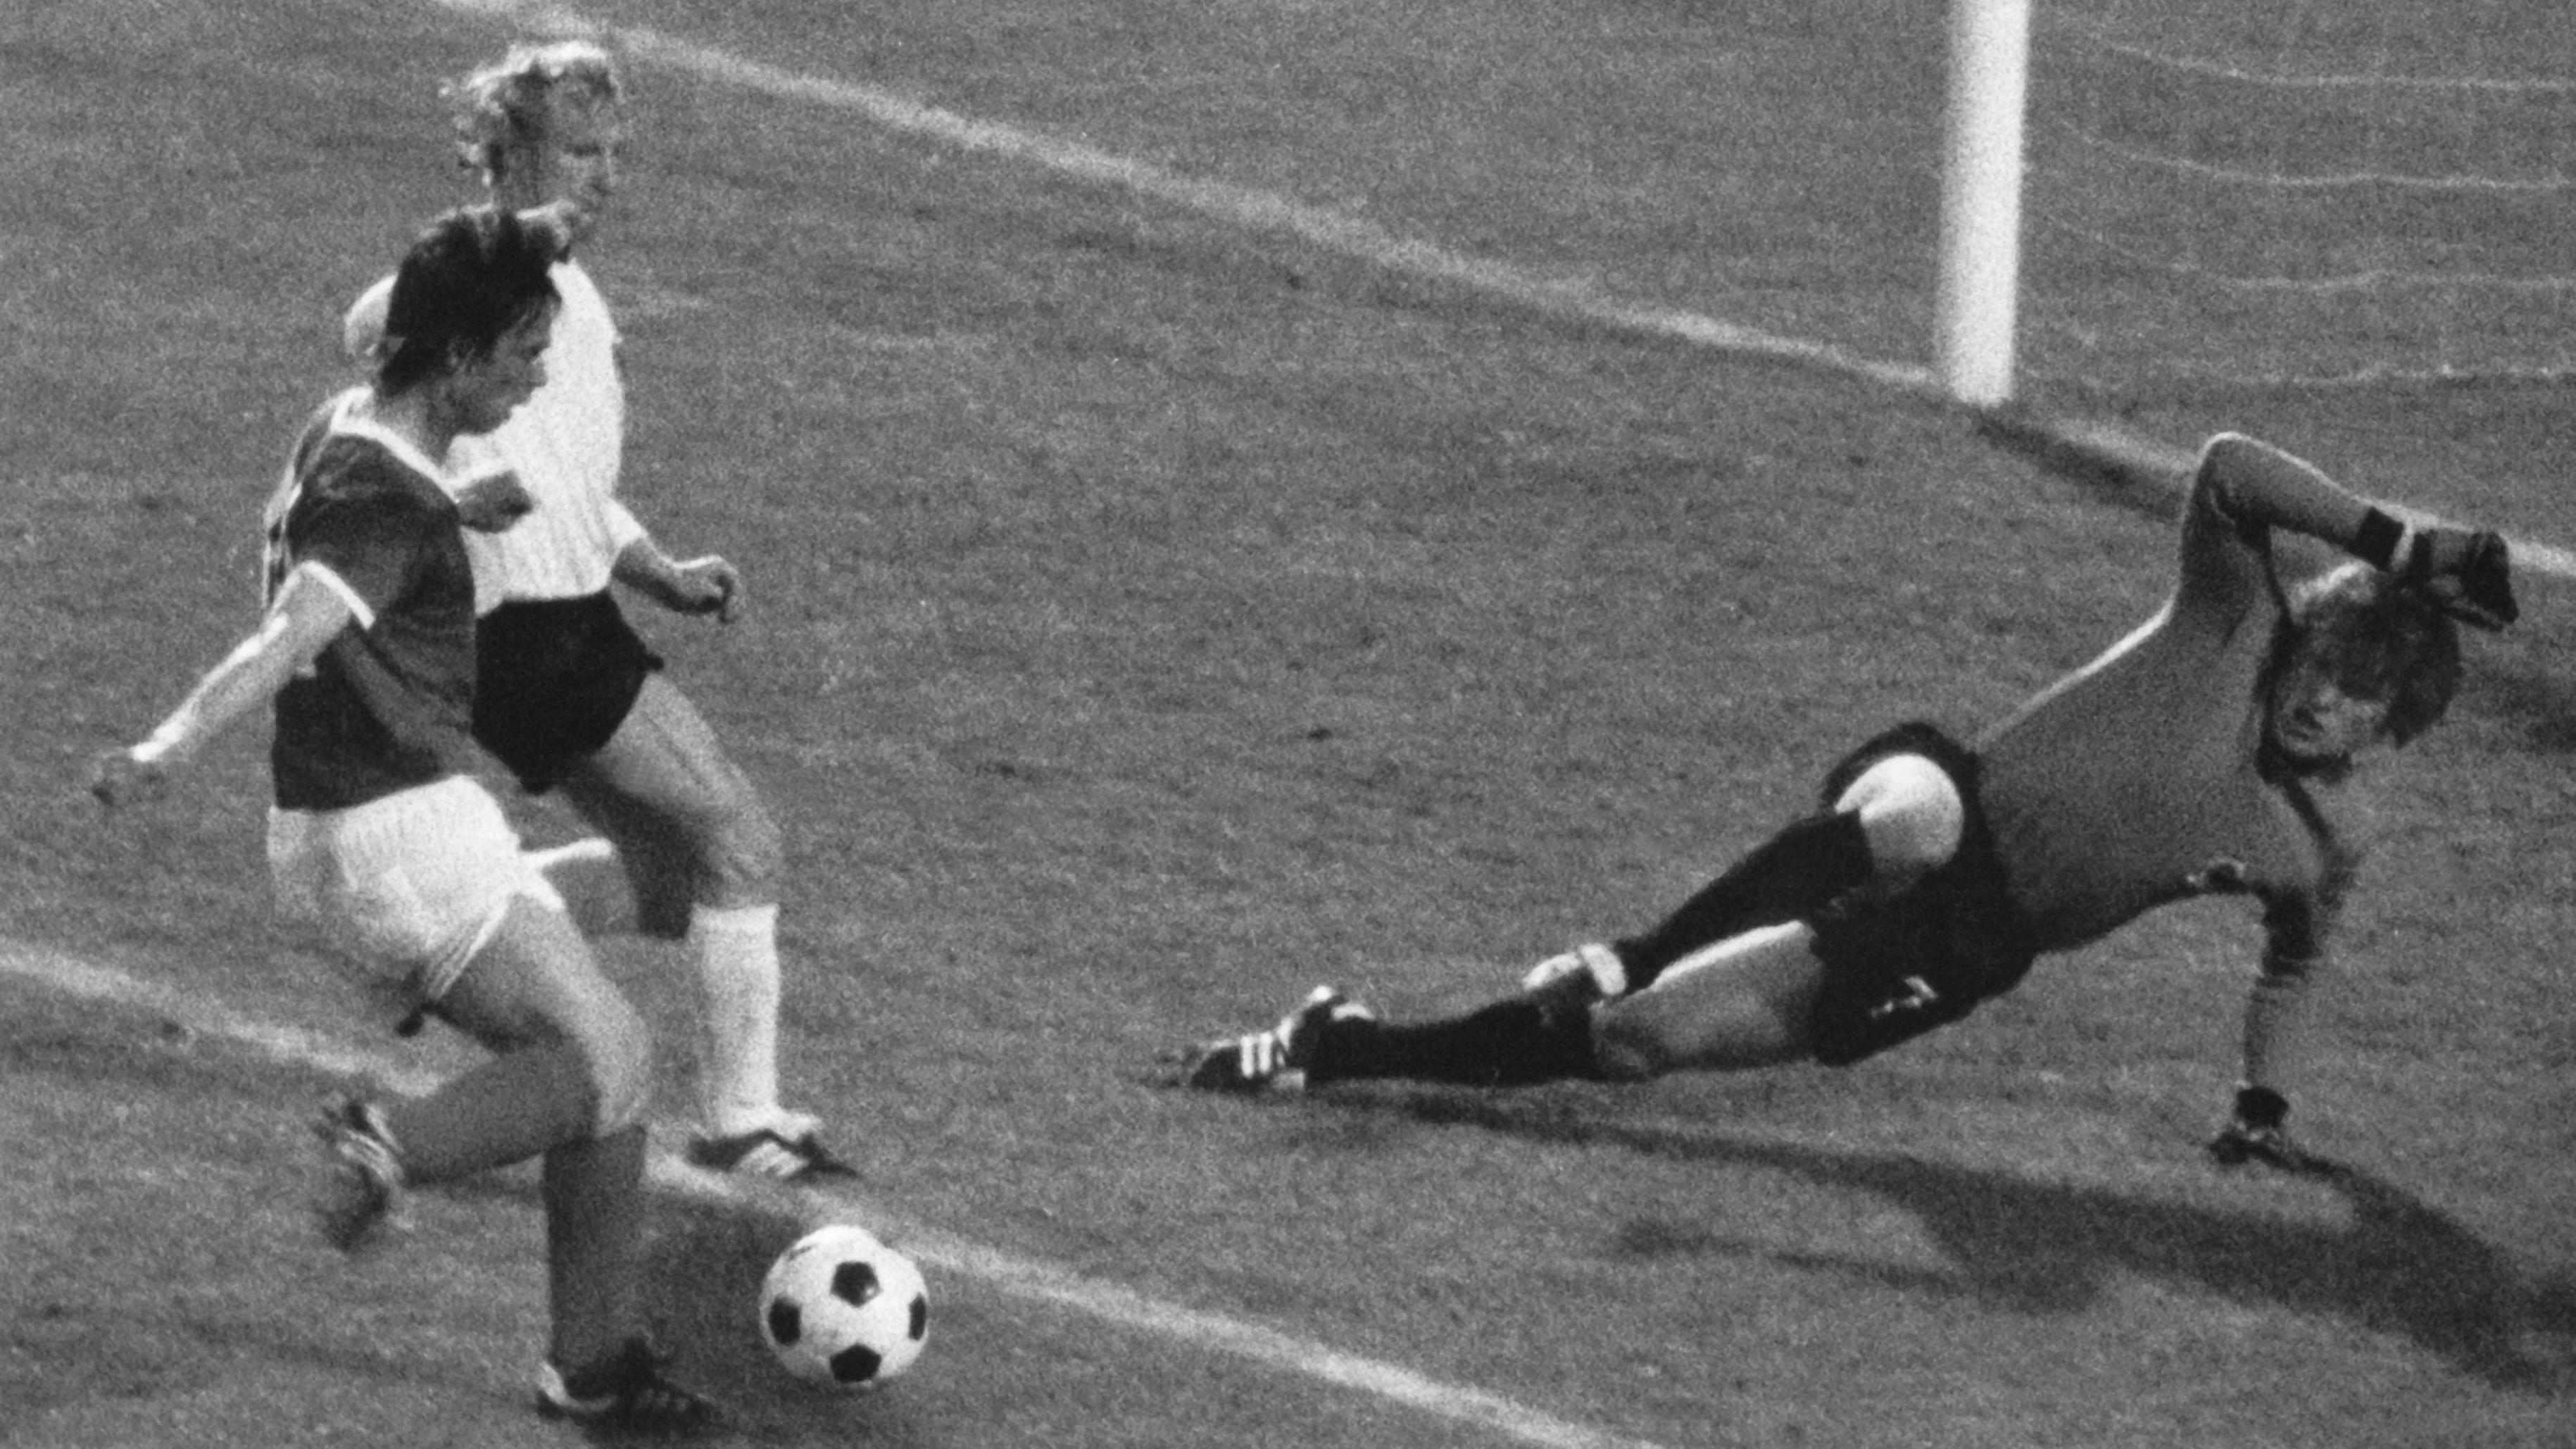 Jürgen Sparwasser trifft bei der Fußball-WM 1974 zum 1:0 für die DDR gegen die BRD